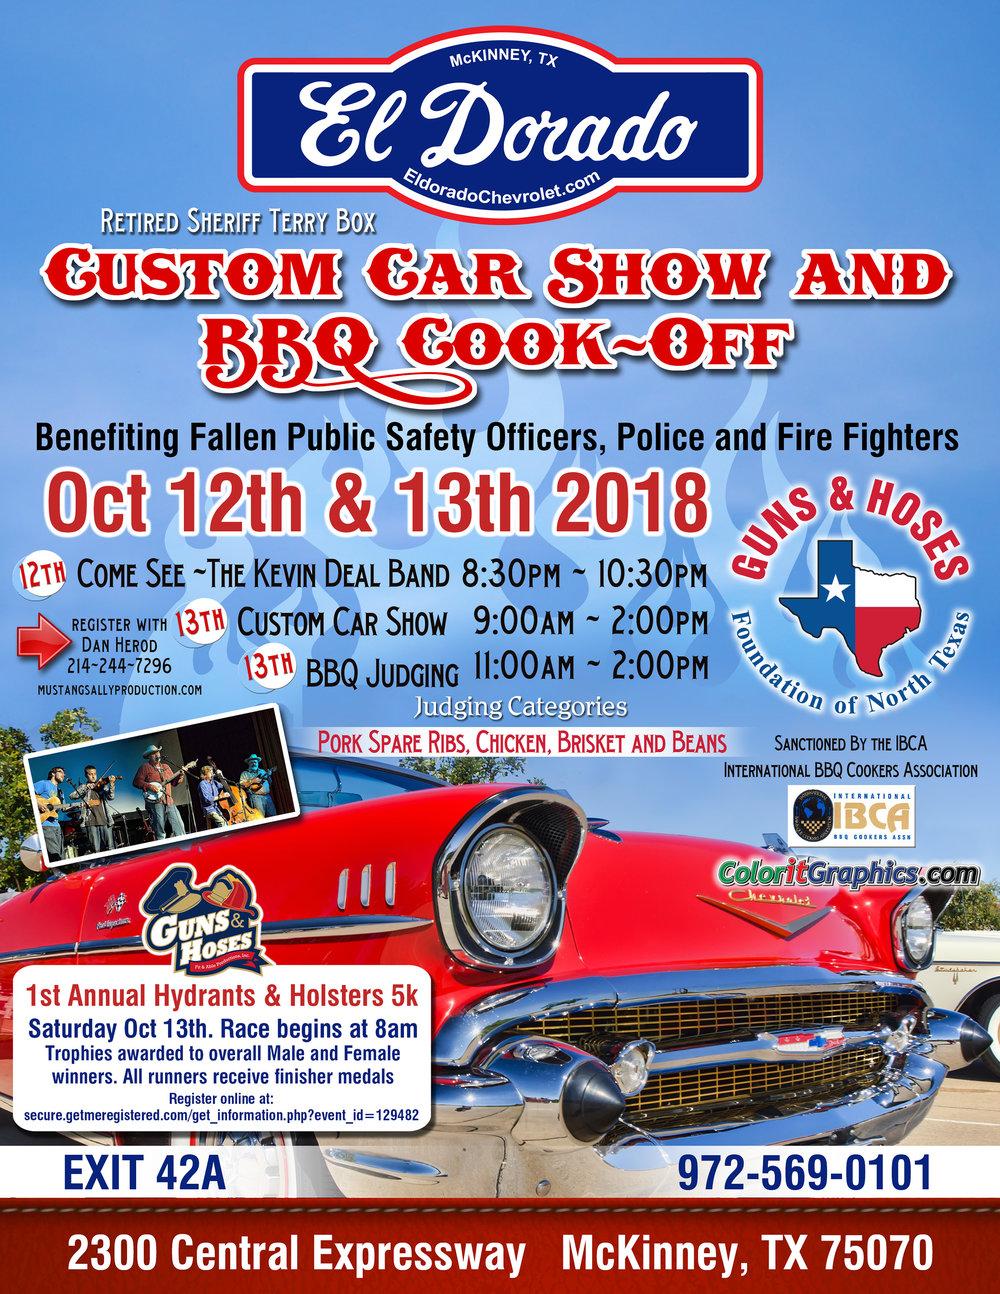 Custom Car Show CookOff GUNS HOSES FOUNDATION OF NORTH TEXAS - Car show categories